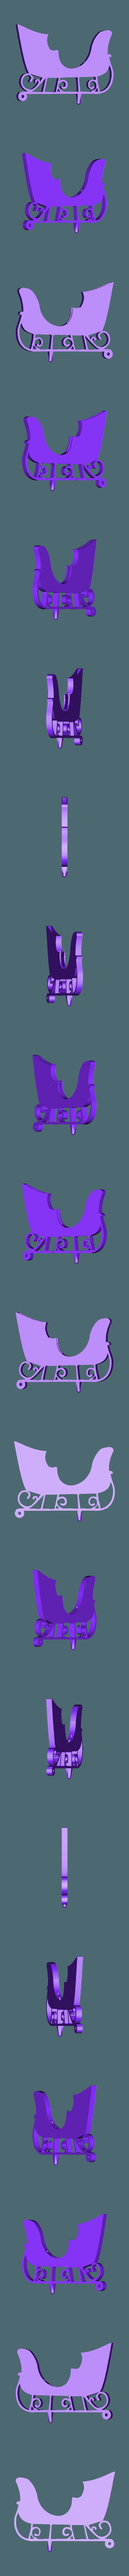 Sleigh.stl Télécharger fichier STL gratuit Santa Whirligig • Objet pour imprimante 3D, Sparky6548